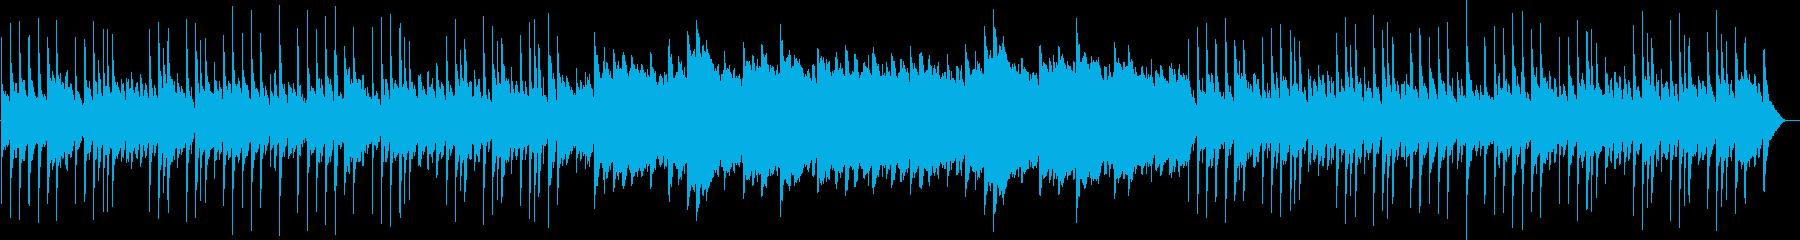 優しいリラクゼーション曲の再生済みの波形